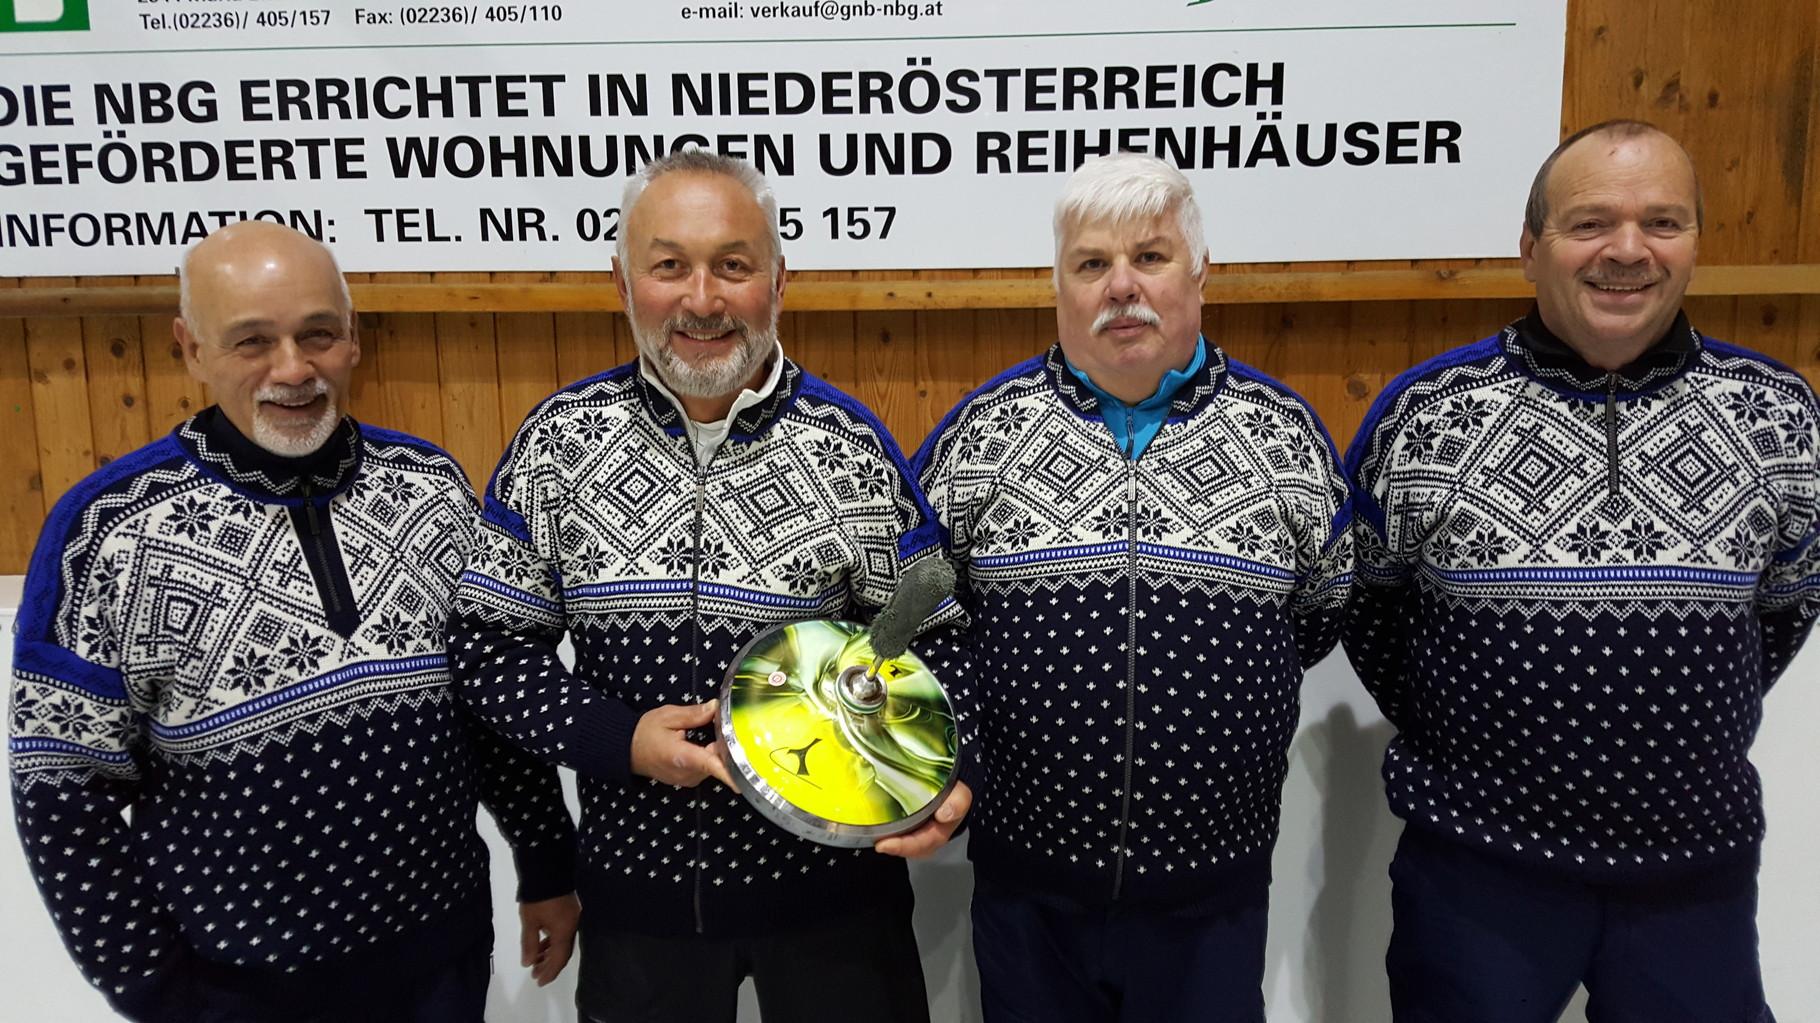 SIEGER KÖTTLACHER EISTURNIER 2015 Turnier 1 - ESV Hintenburg